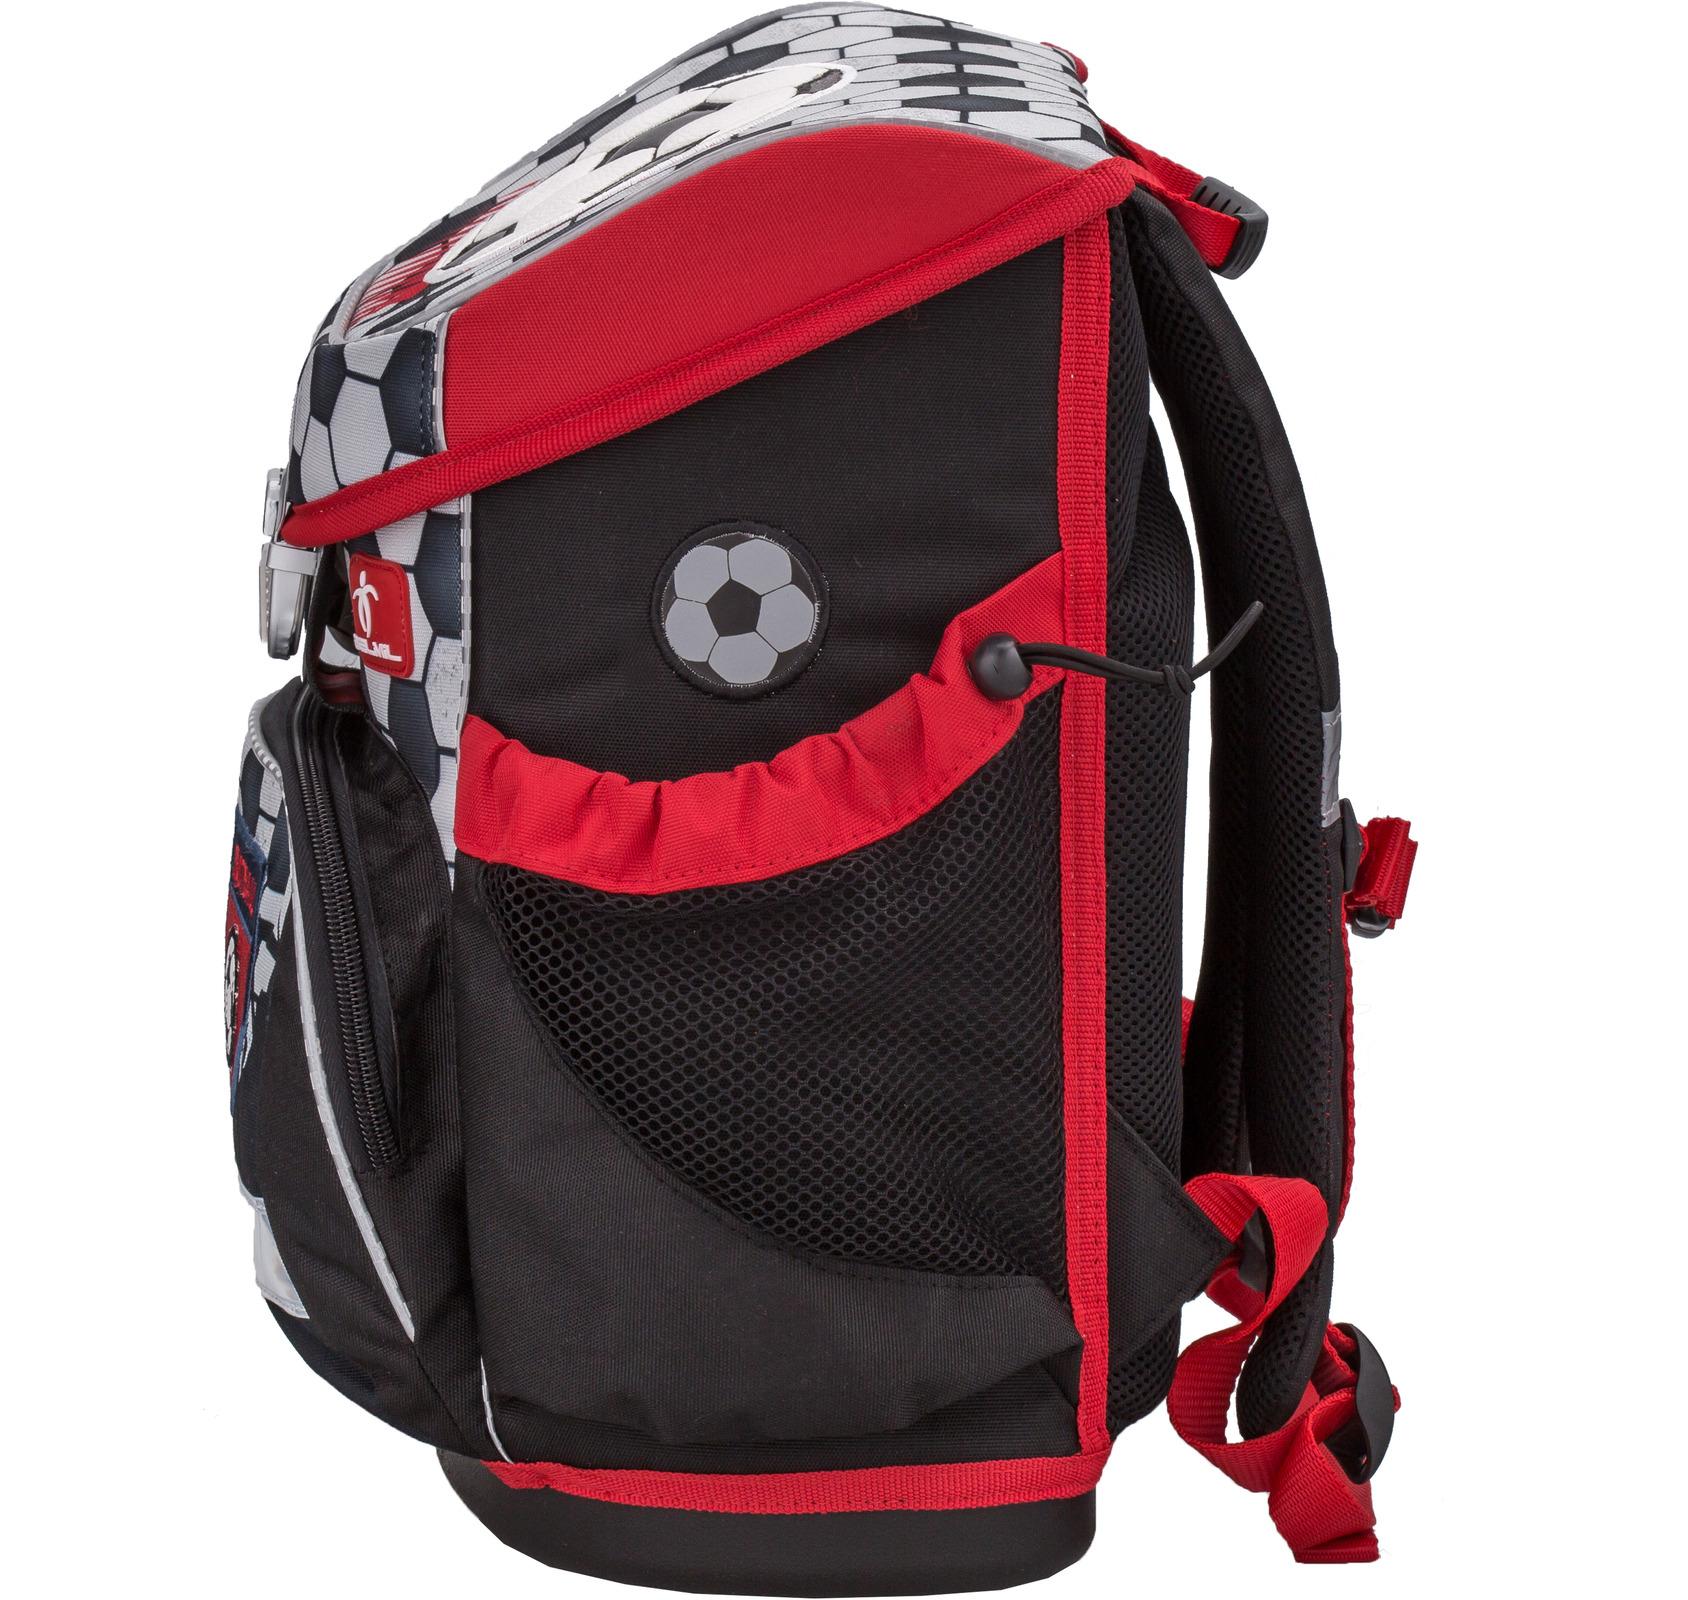 Ранец Belmil 405-33 MINI-FIT FOOTBALL + мешок и пенал + фломастеры, - фото 3